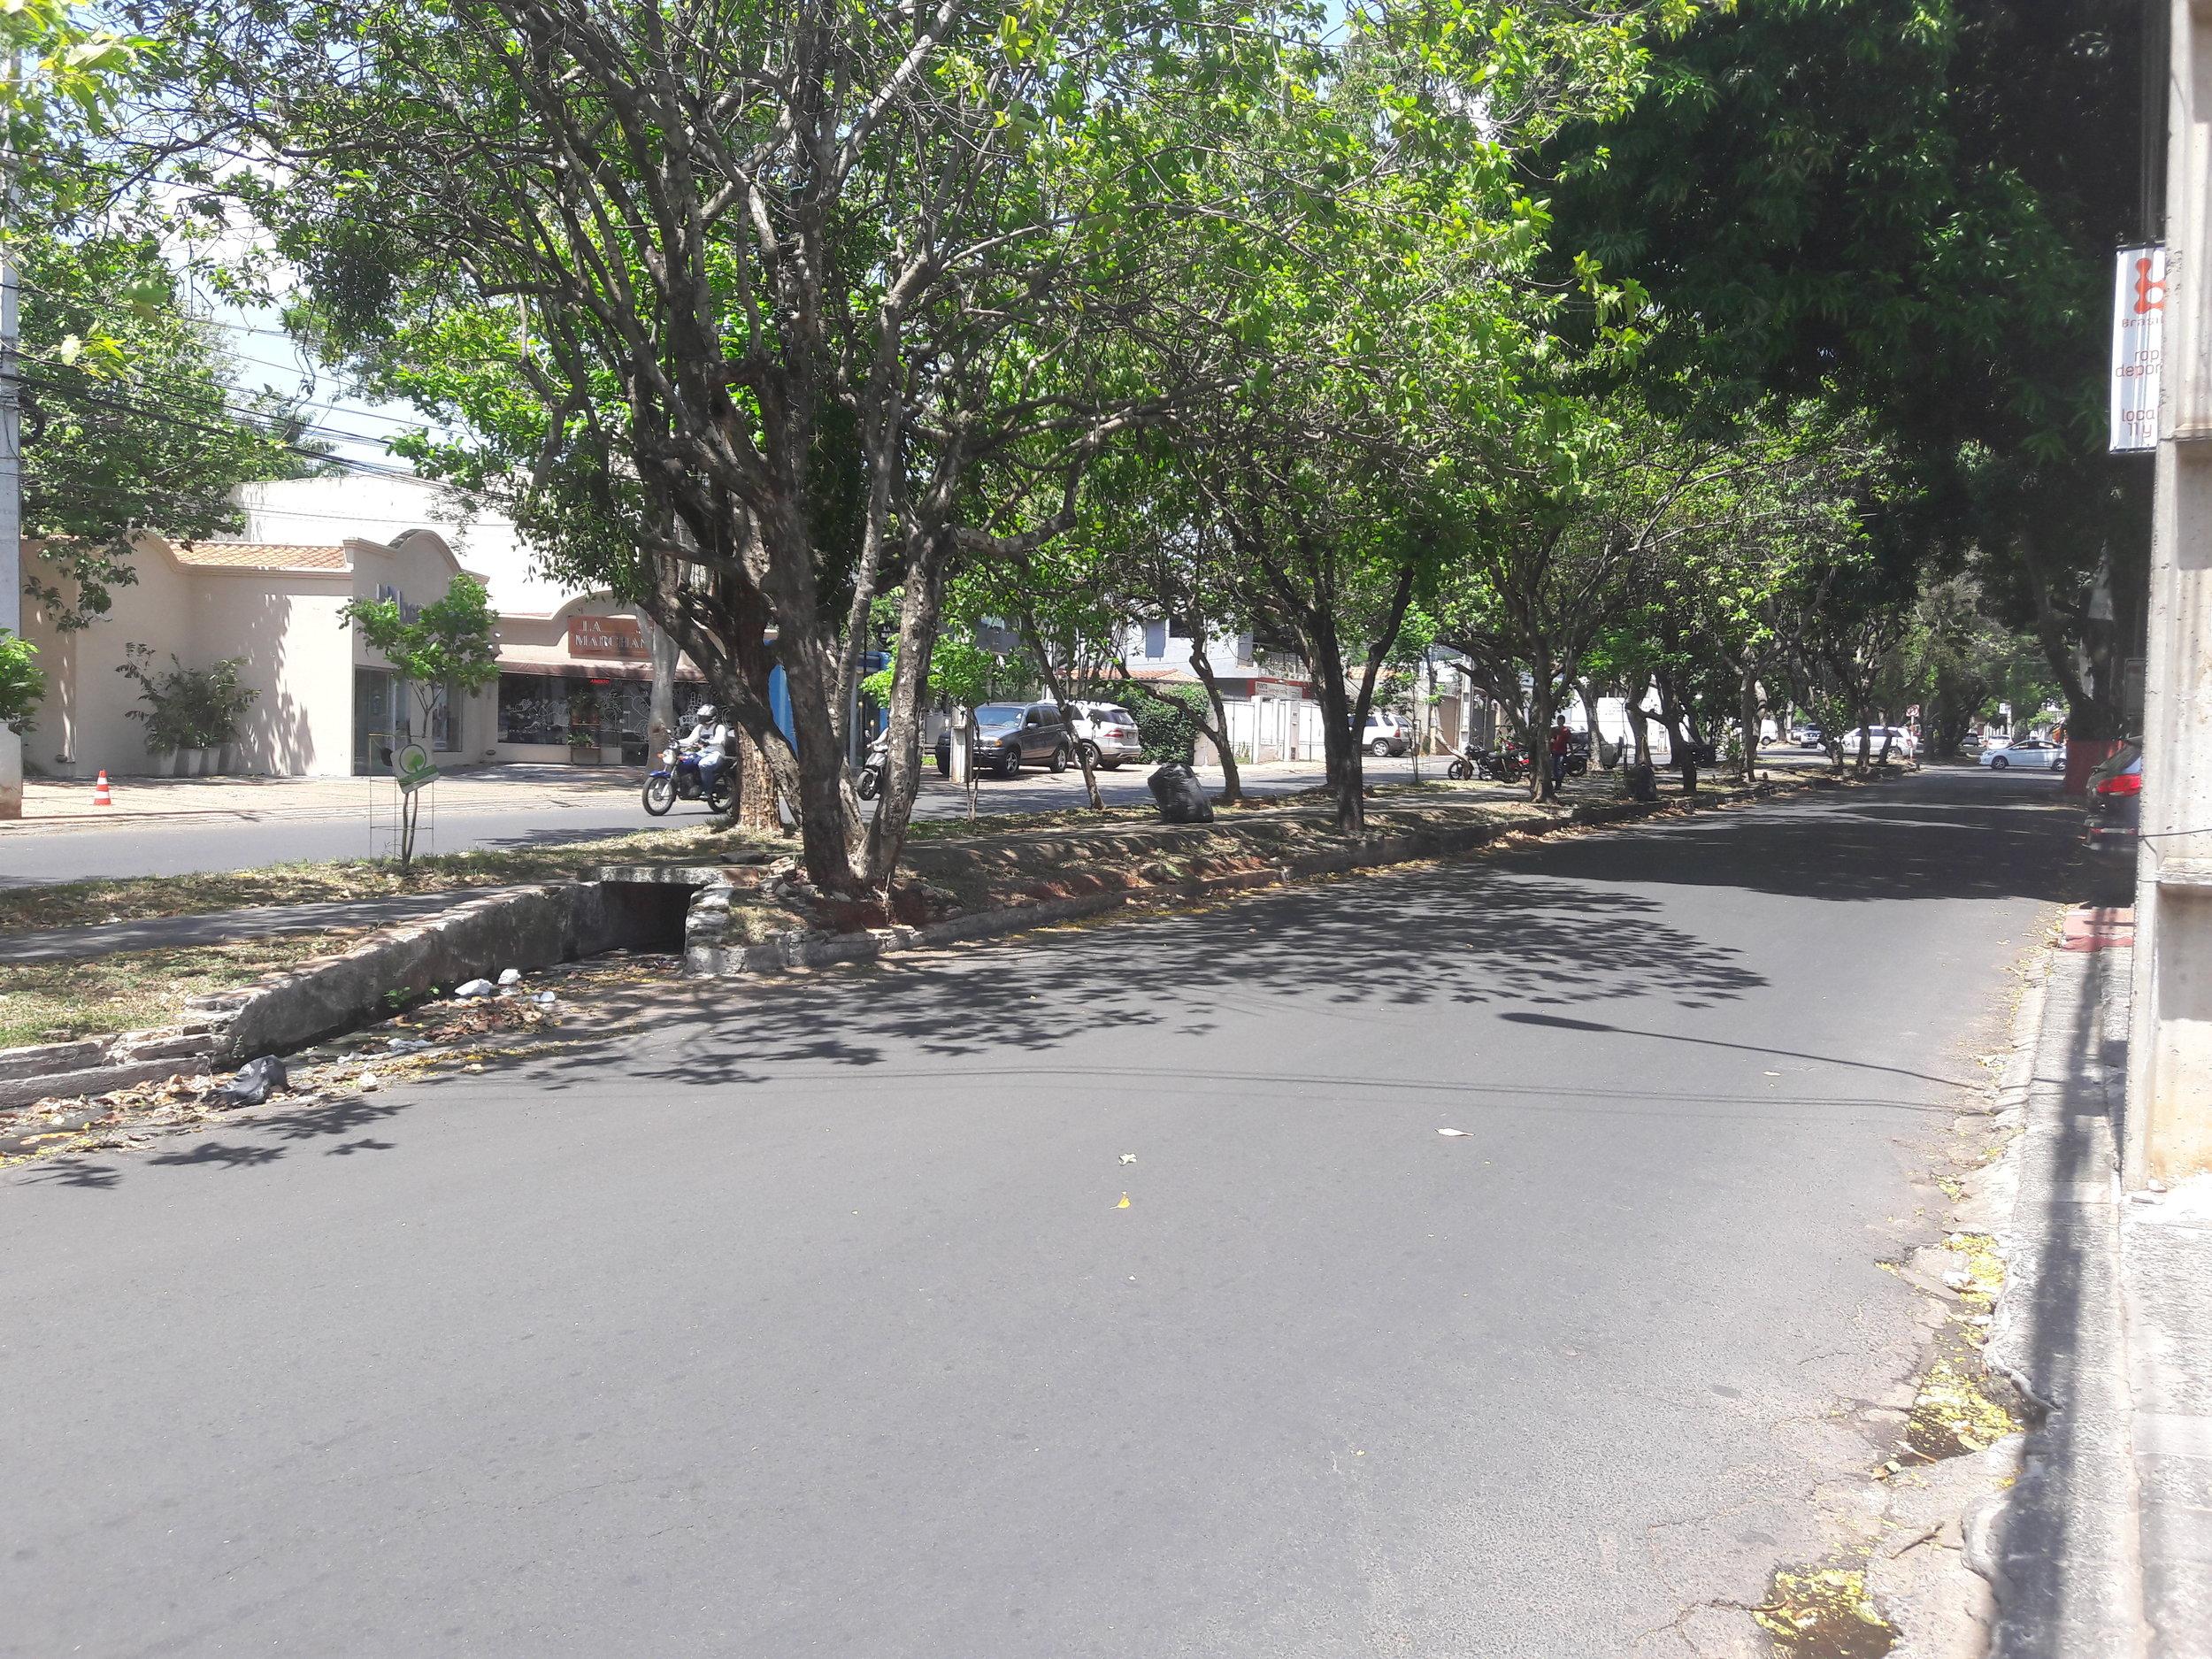 Snímky z třídy Guido Boggiani. Jak vidno, na místě trati vznikla cyklostezka.